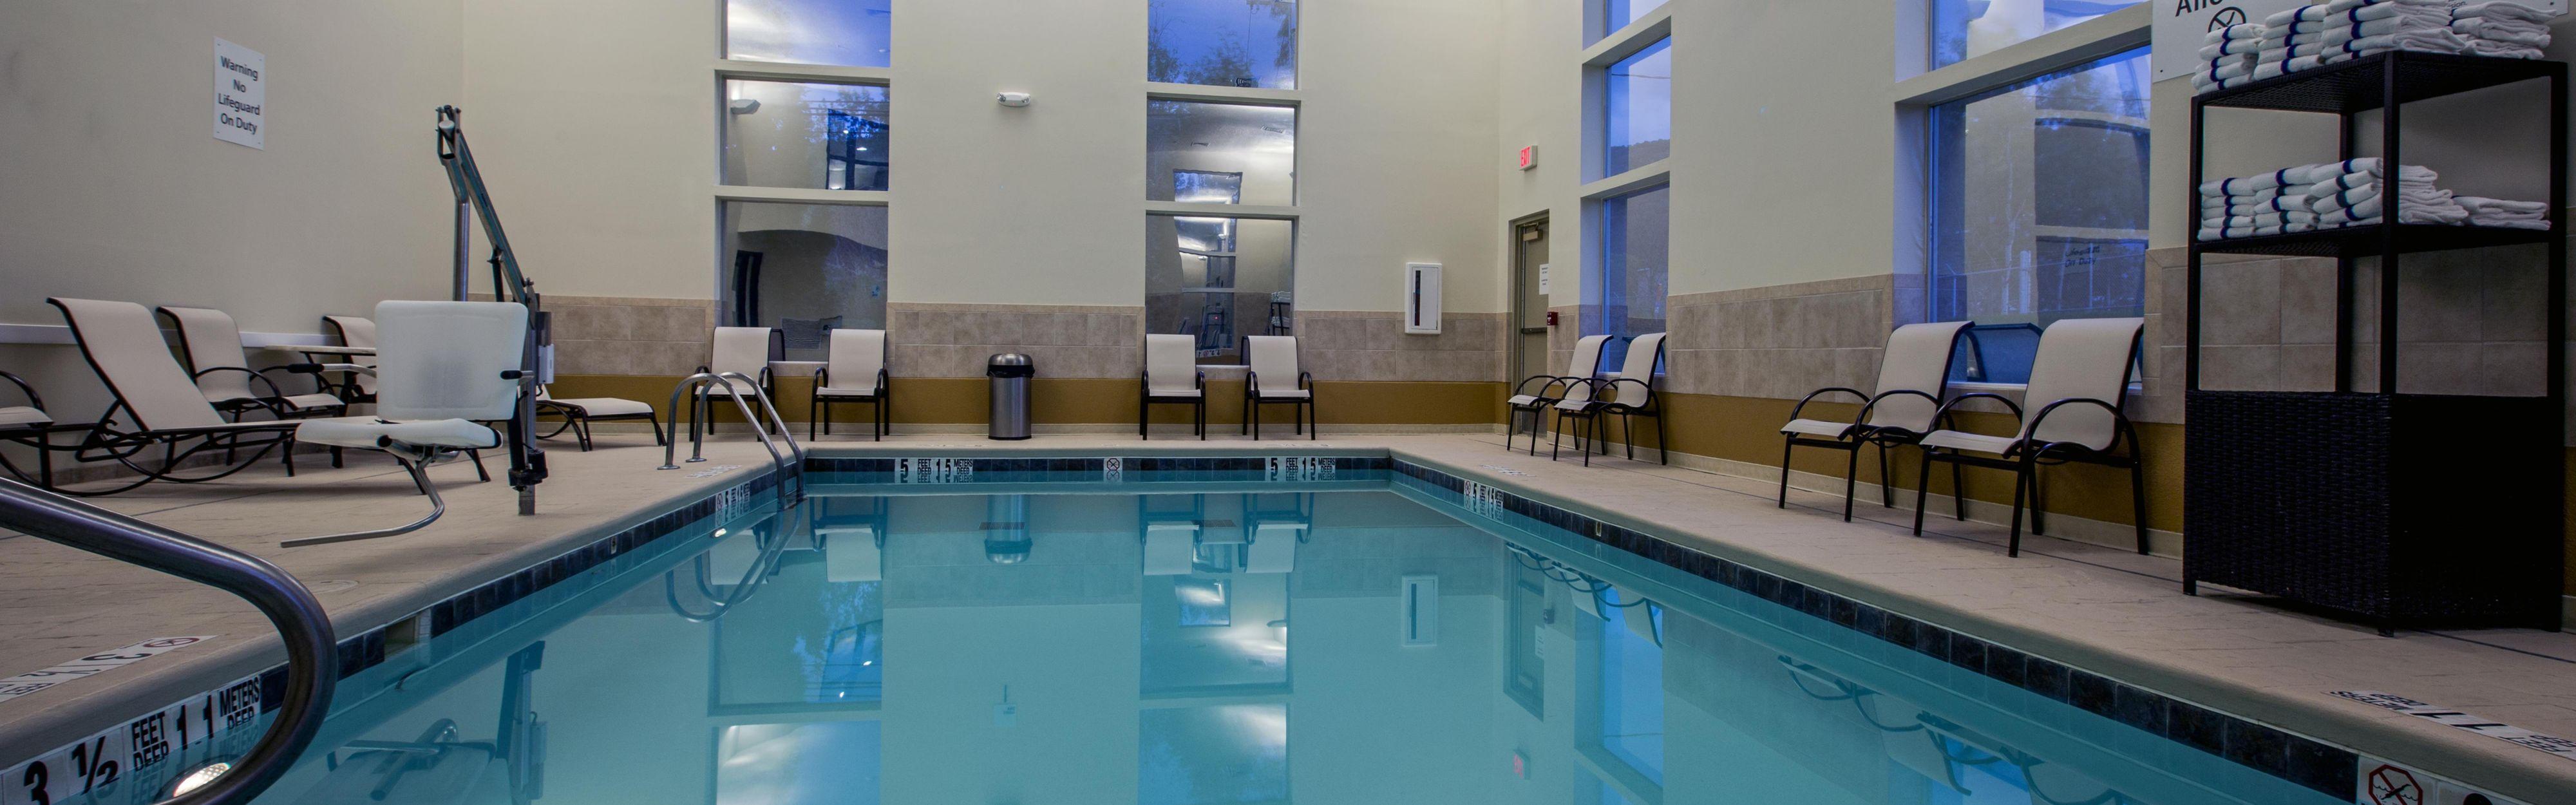 Holiday Inn Express & Suites Salamanca image 2